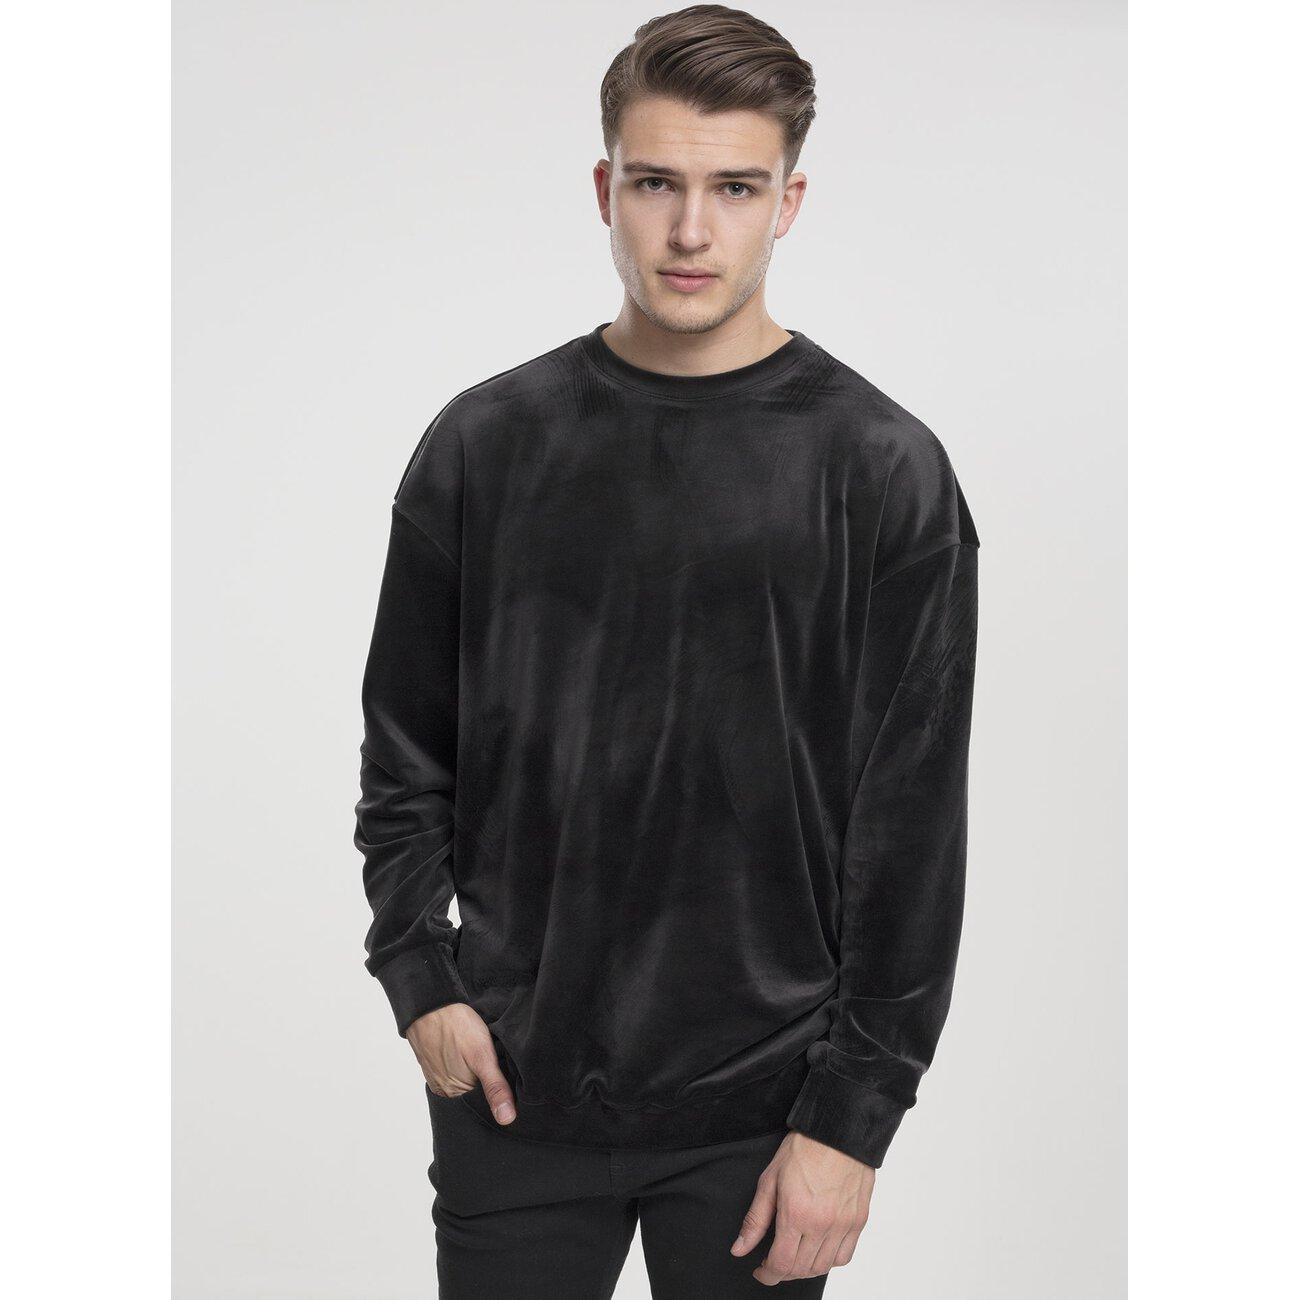 1ff4631fde0011 Urban Classics Sweatshirt Herren Velvet Crewneck Samt Pullover